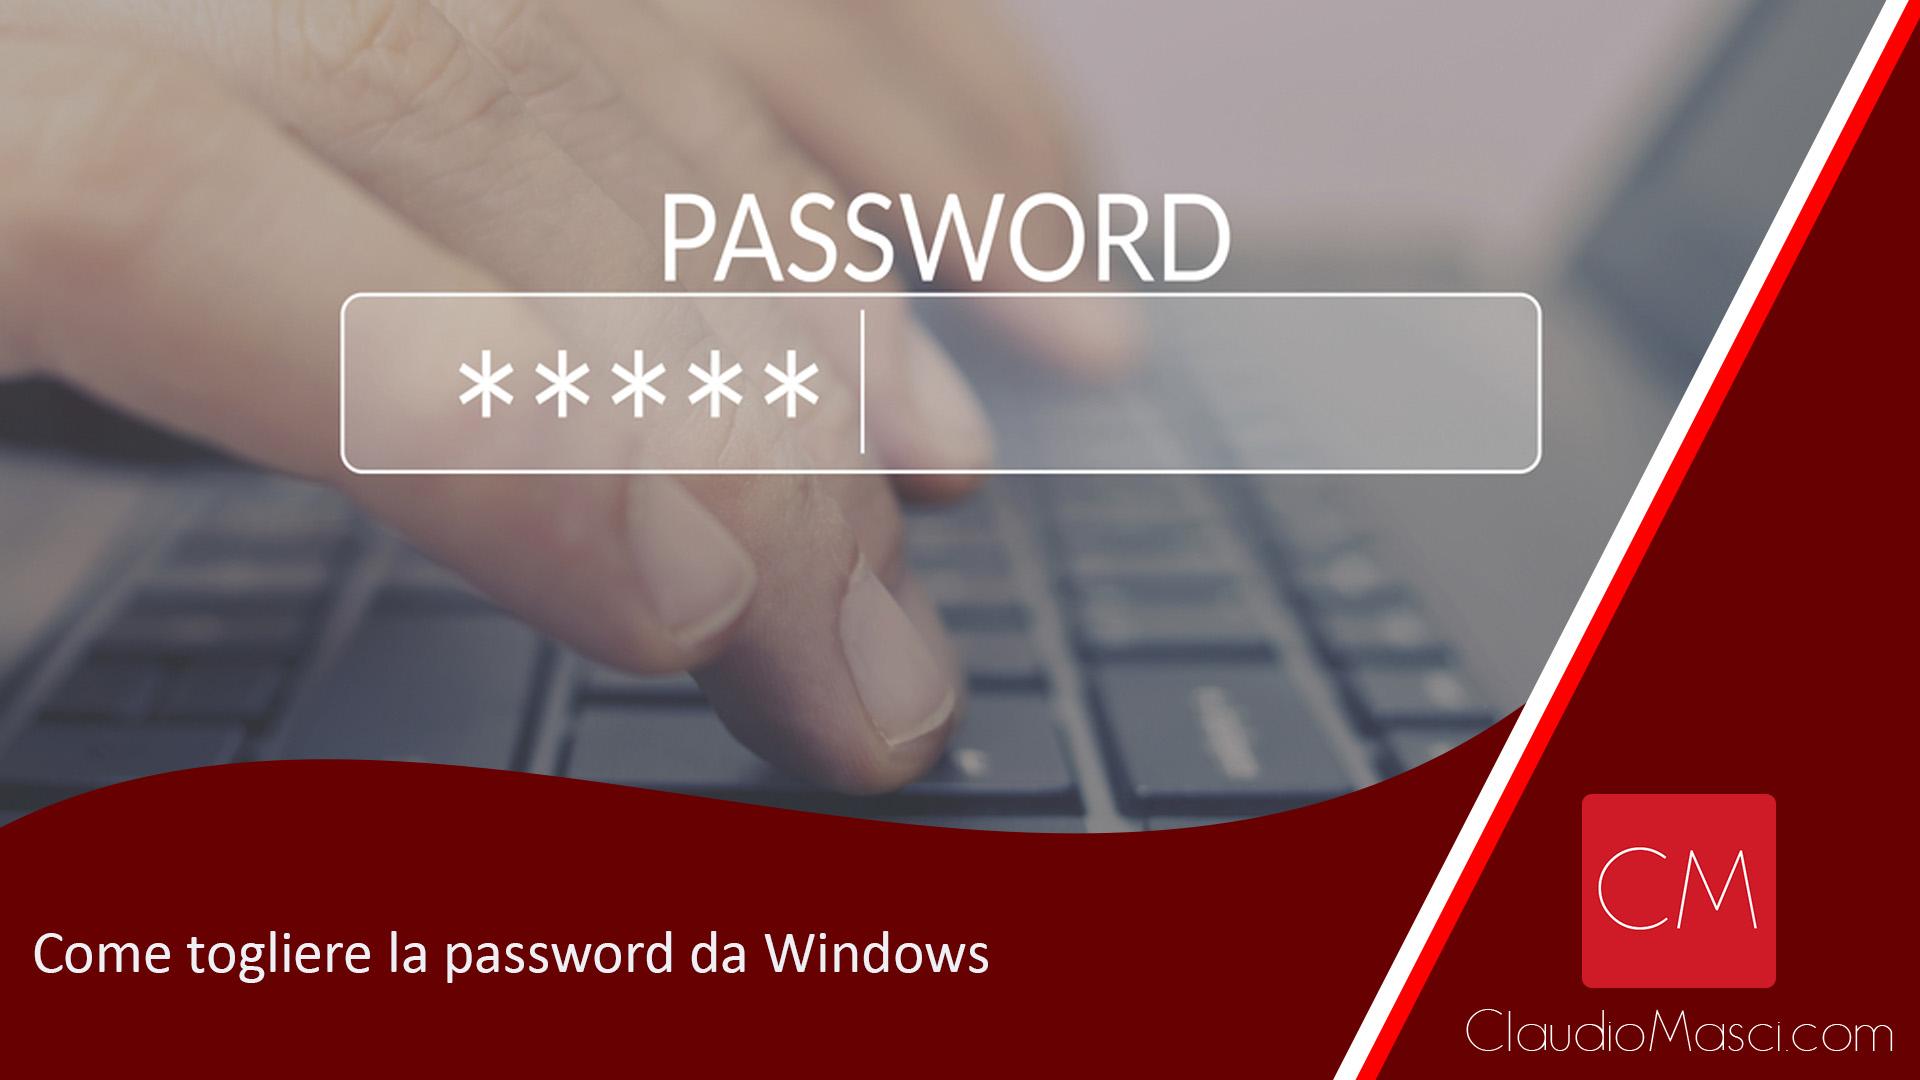 Come togliere la password da Windows